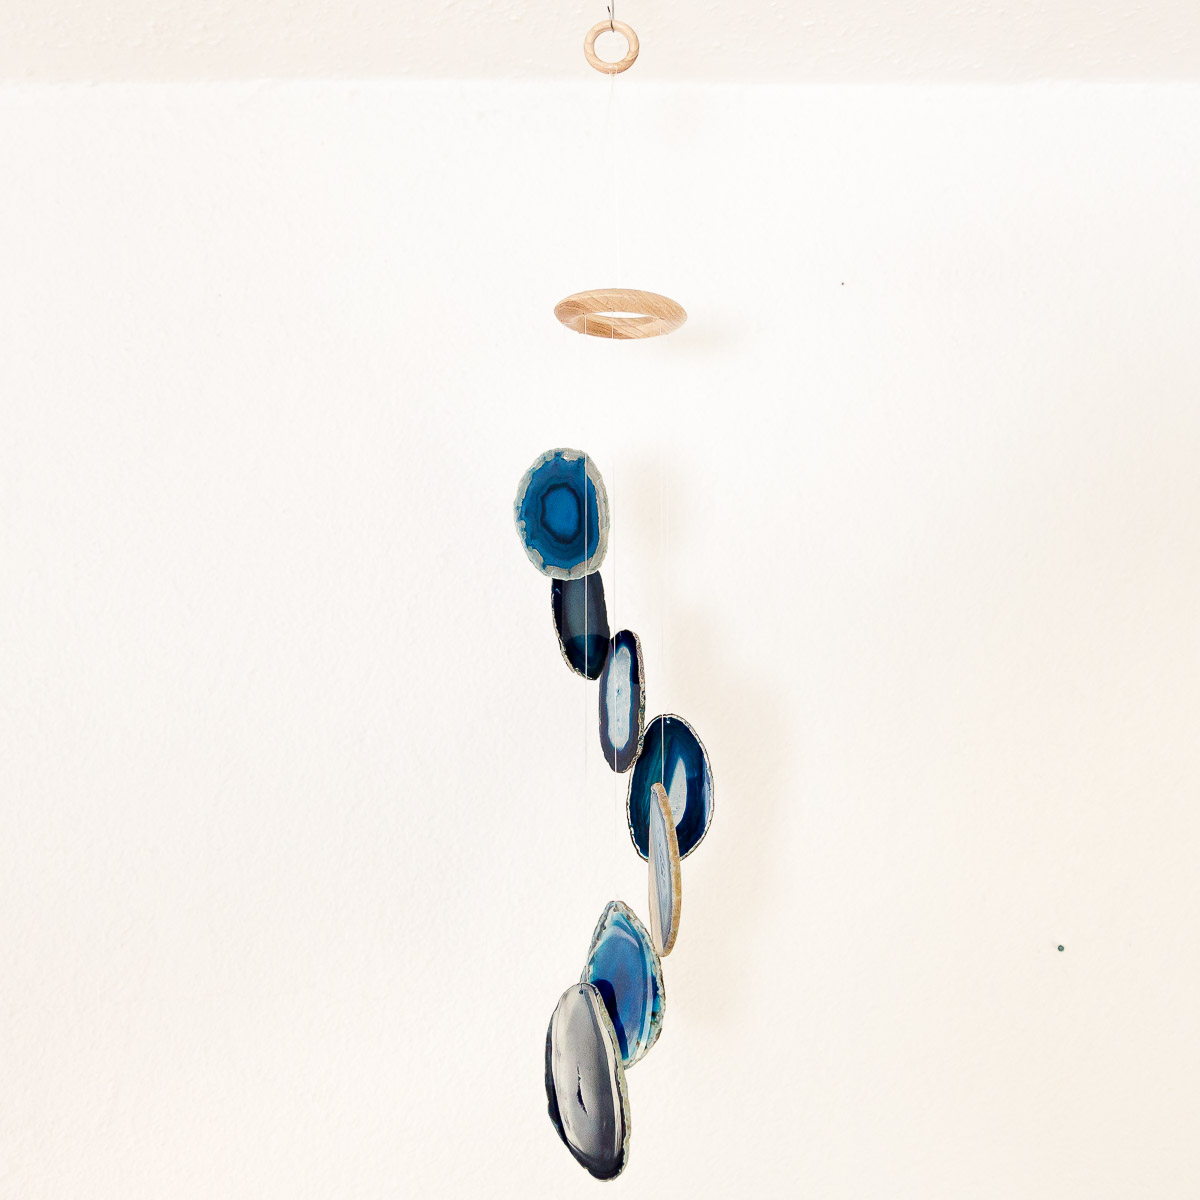 """Achat Windspiel """"blau"""", 40 cm mit 7 natürlichen Achat Scheiben"""